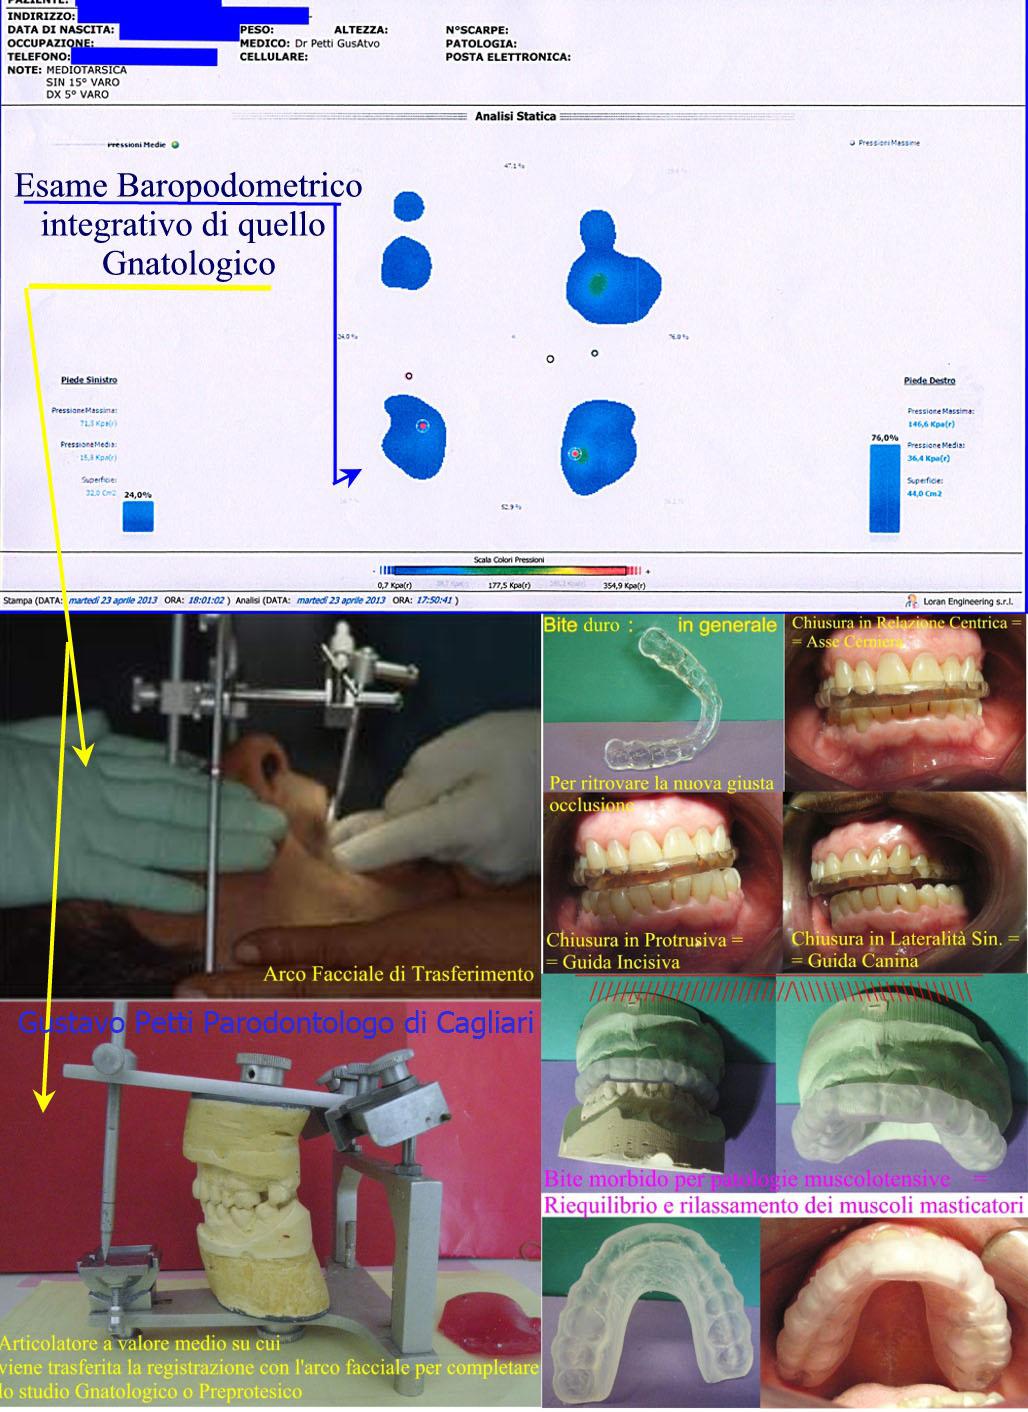 Dr. Gustavo Petti Parodontologo Gnatologo di Cagliari. Parte di Analisi Gnatologica con Arco Facciale di Trasferimento e Stabilometria Computerizzata. Come parte piccola di una Valutazione Gnatologica che non si può ridurre a quanto descritto.